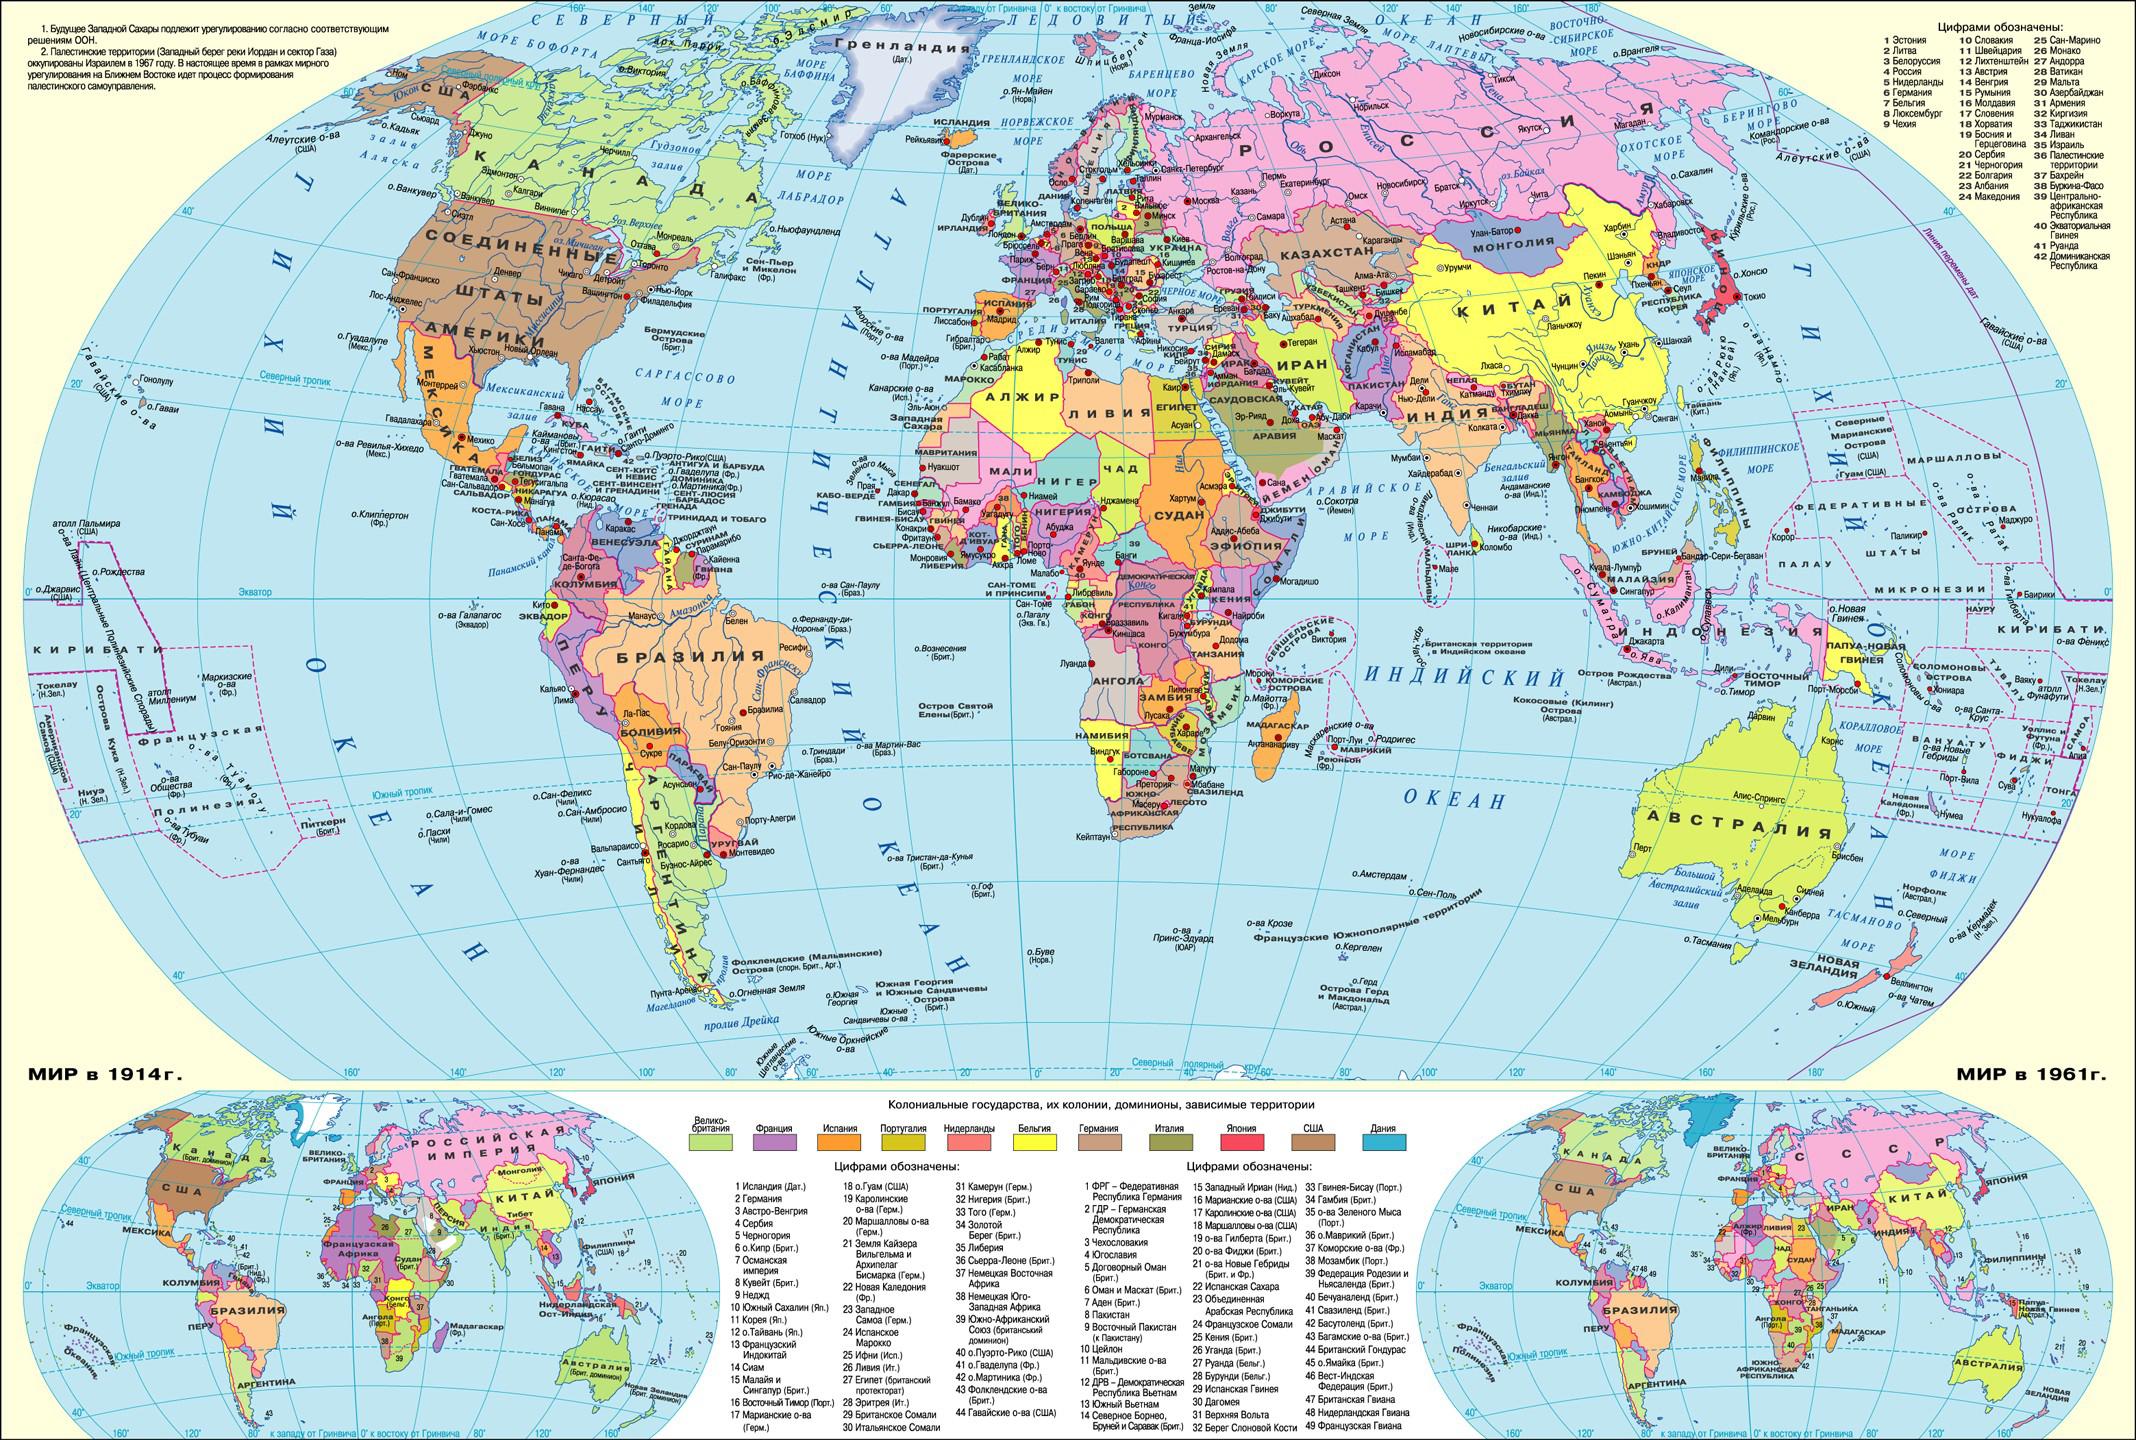 Страны мира доклад по географии 2835